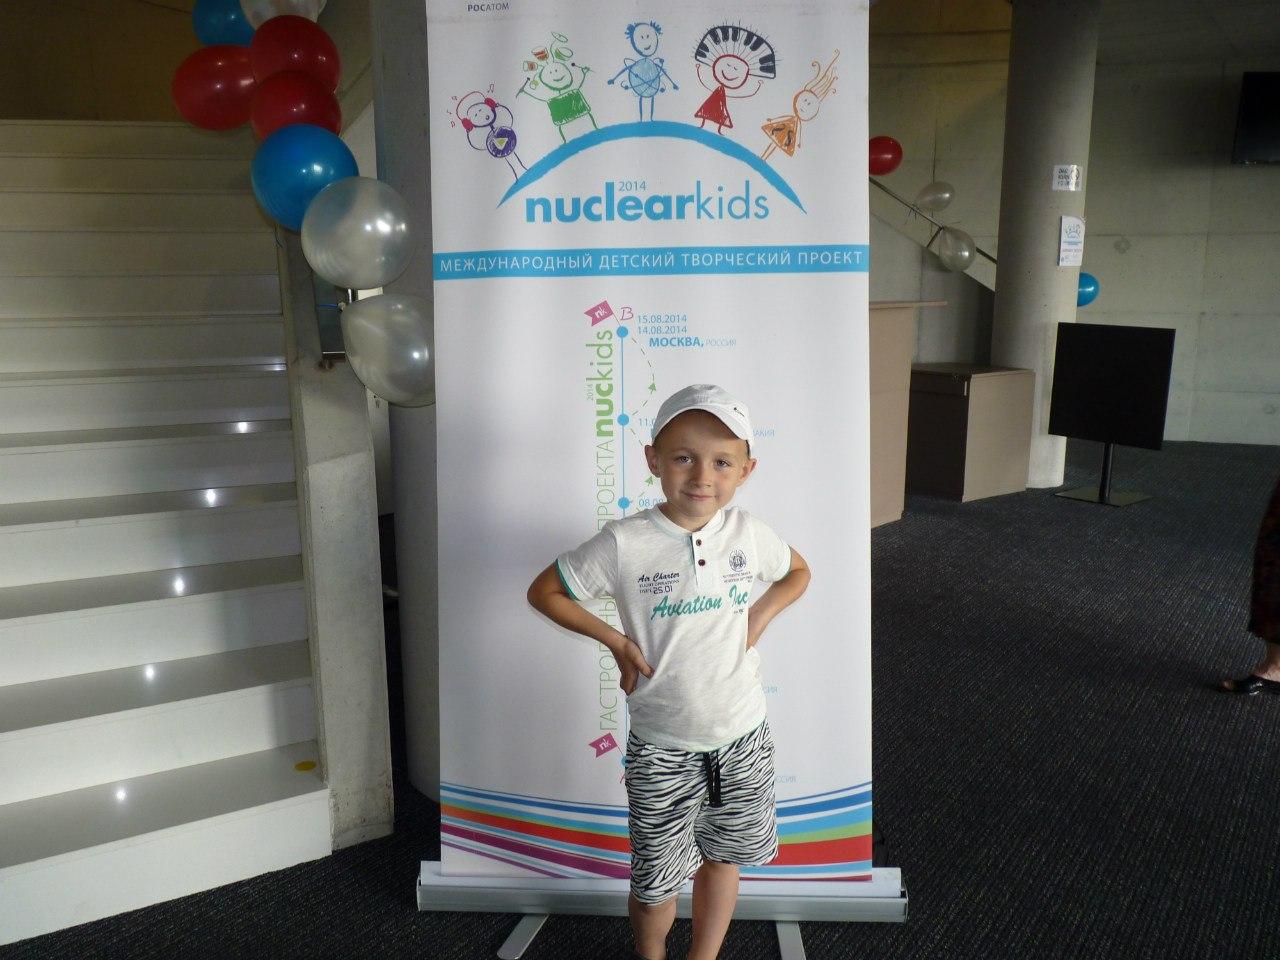 О жизни: Мюзикл Лабиринты детства Nuclearkids (Чехия, г.Брно 8 августа)